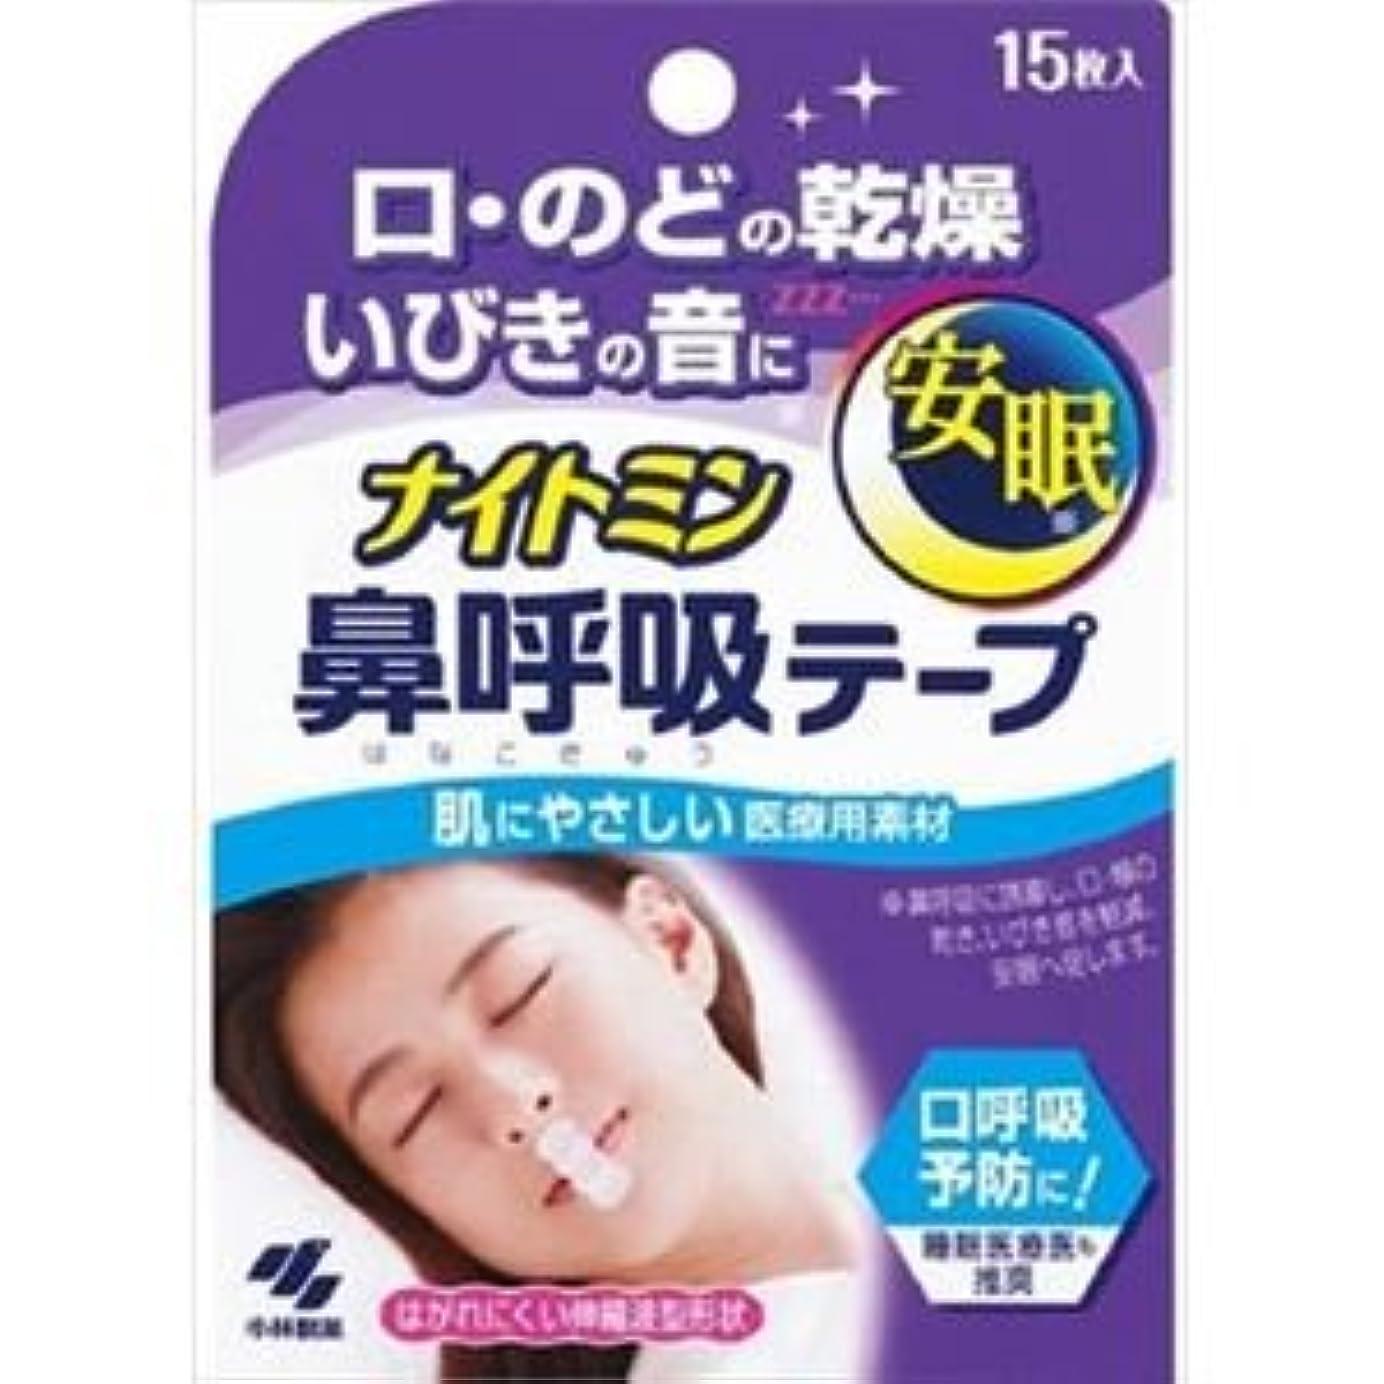 壊す距離品種(まとめ)小林製薬 ナイトミン 鼻呼吸テープ 【×3点セット】